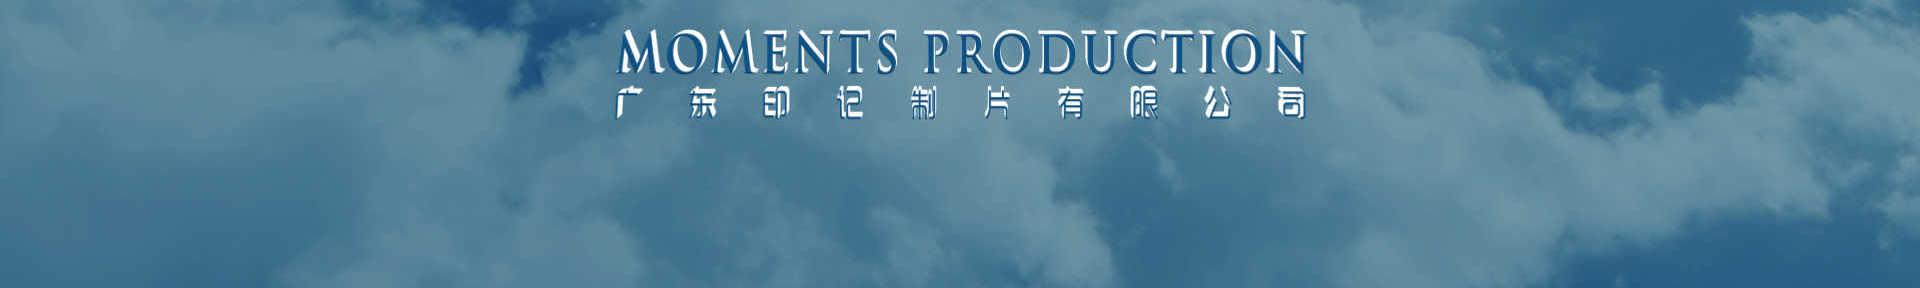 印记制片 banner